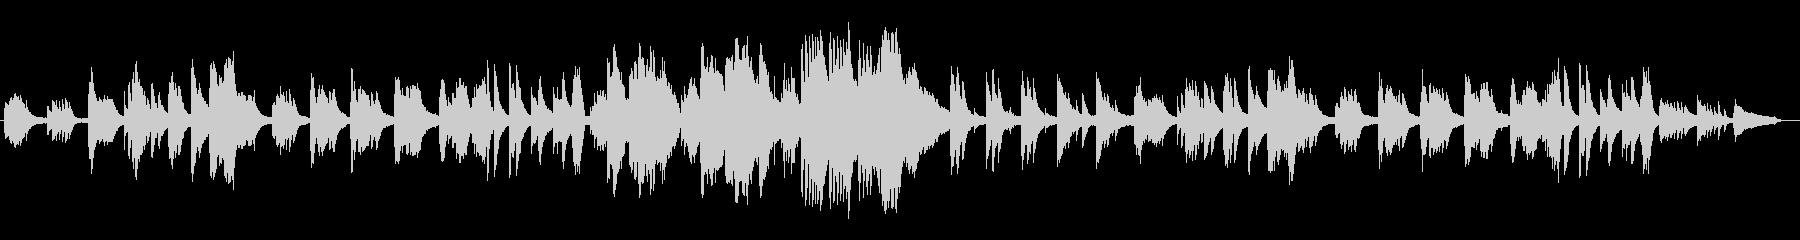 曖昧とした気だるげなピアノBGMの未再生の波形